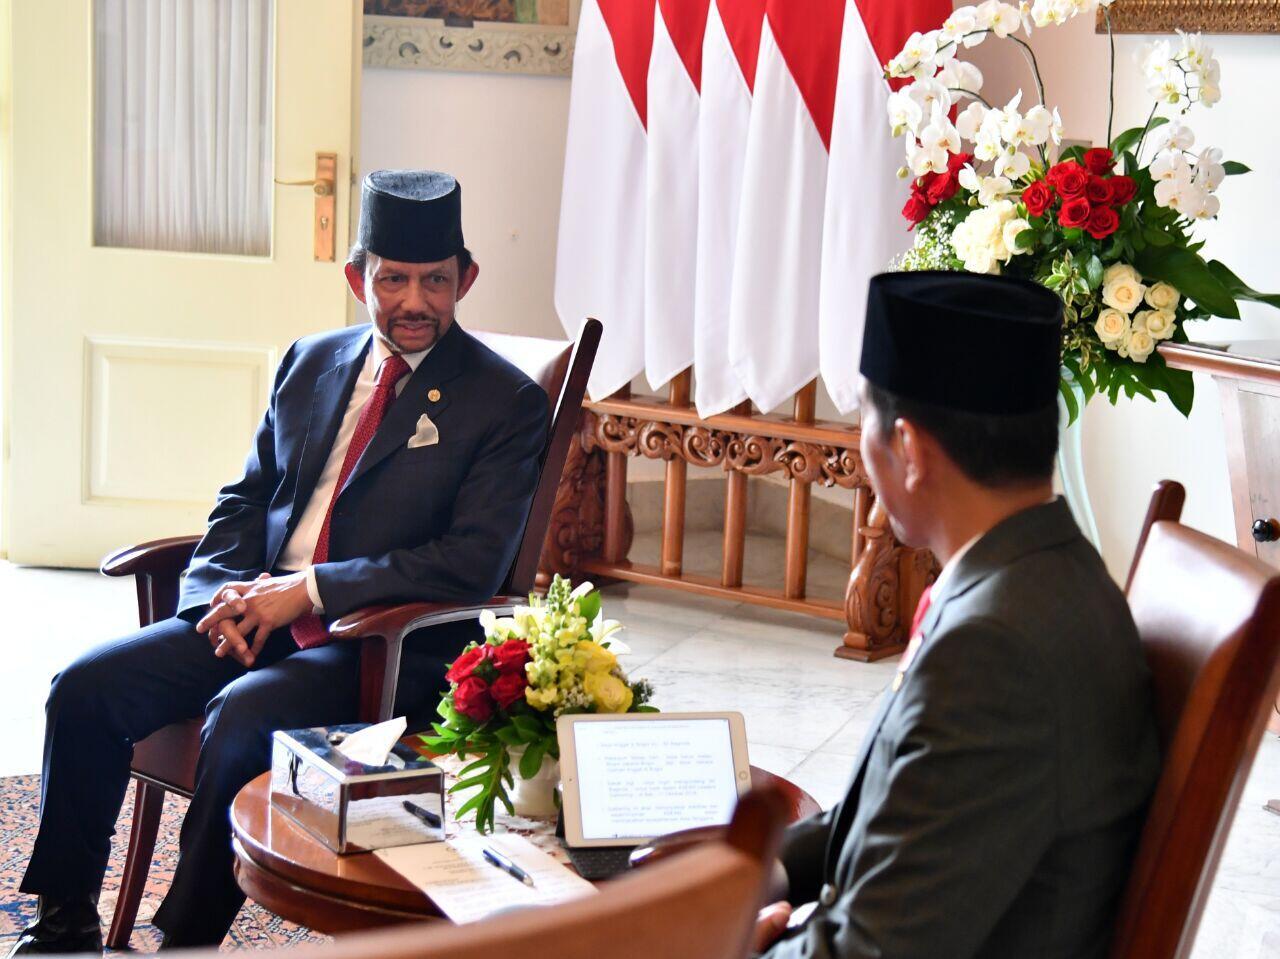 Sultan Brunei Apresiasi Kontribusi TKI dalam Pembangunan Ekonomi dan Sosial di Brunei